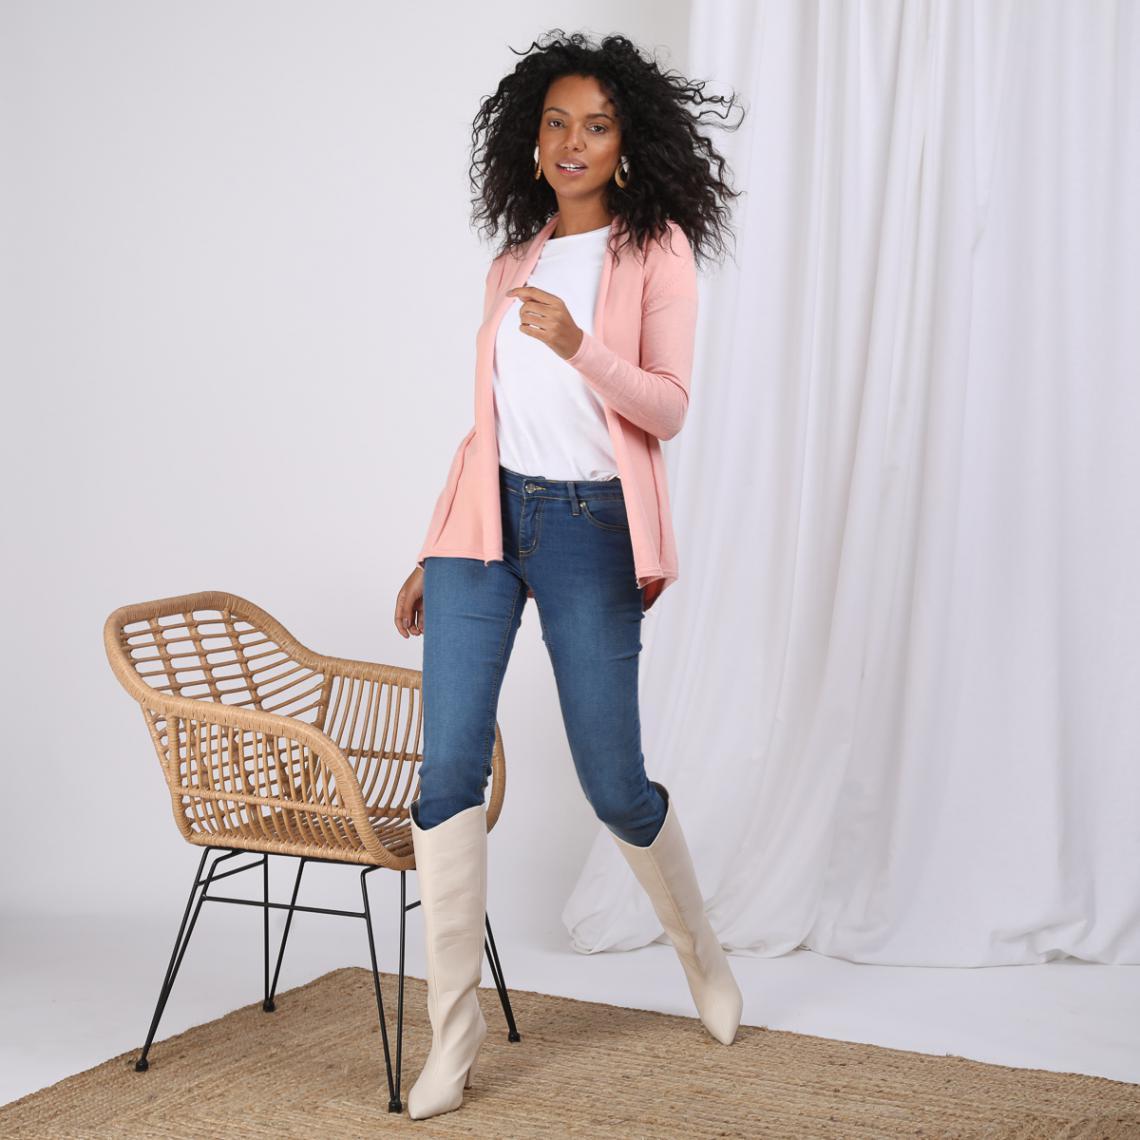 différemment prix incroyables mode attrayante Gilet manches longues femme - Rose | 3 SUISSES